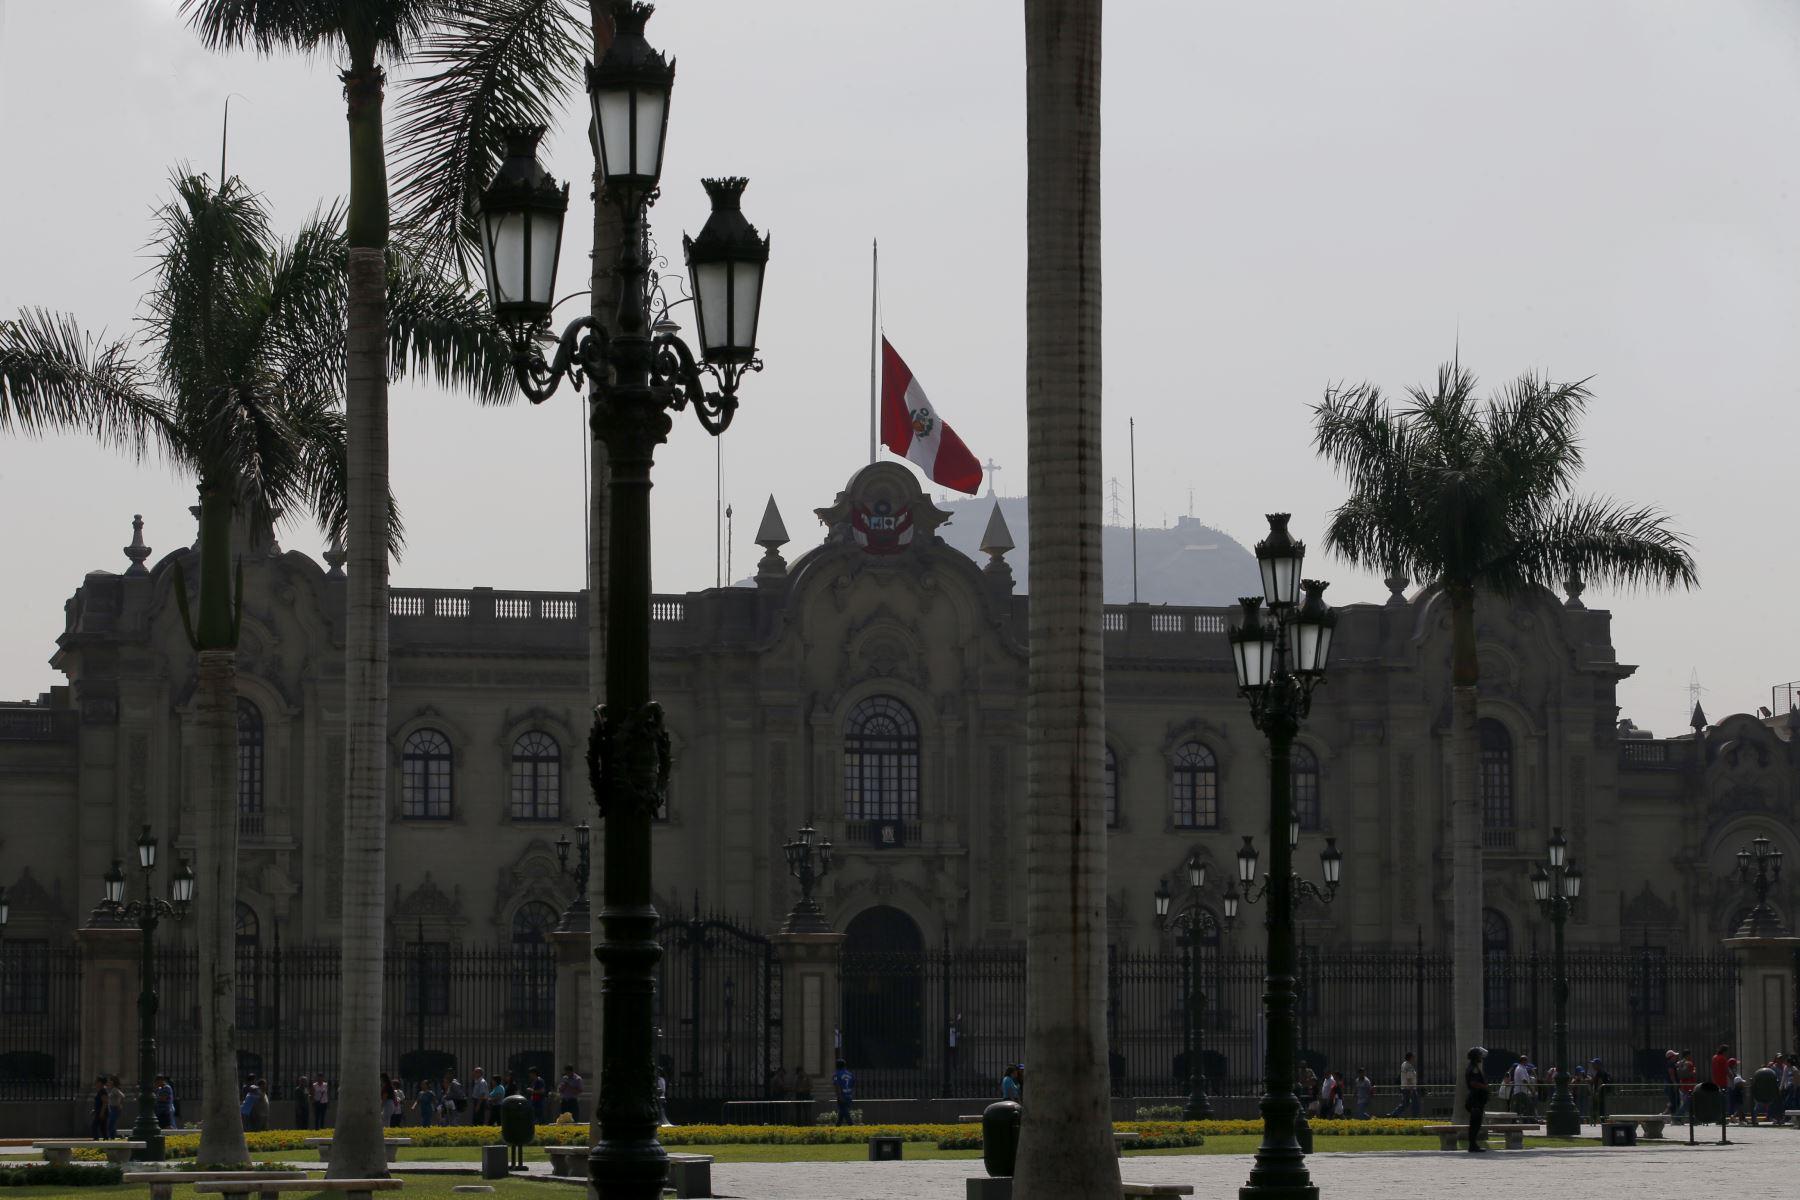 Instituciones Públicas con la Bandera de Perú a media asta con motivo del fallecimiento del ExPresidente Alan Garcia. Palacio de Gobierno. Foto: ANDINA/Nathalie Sayago